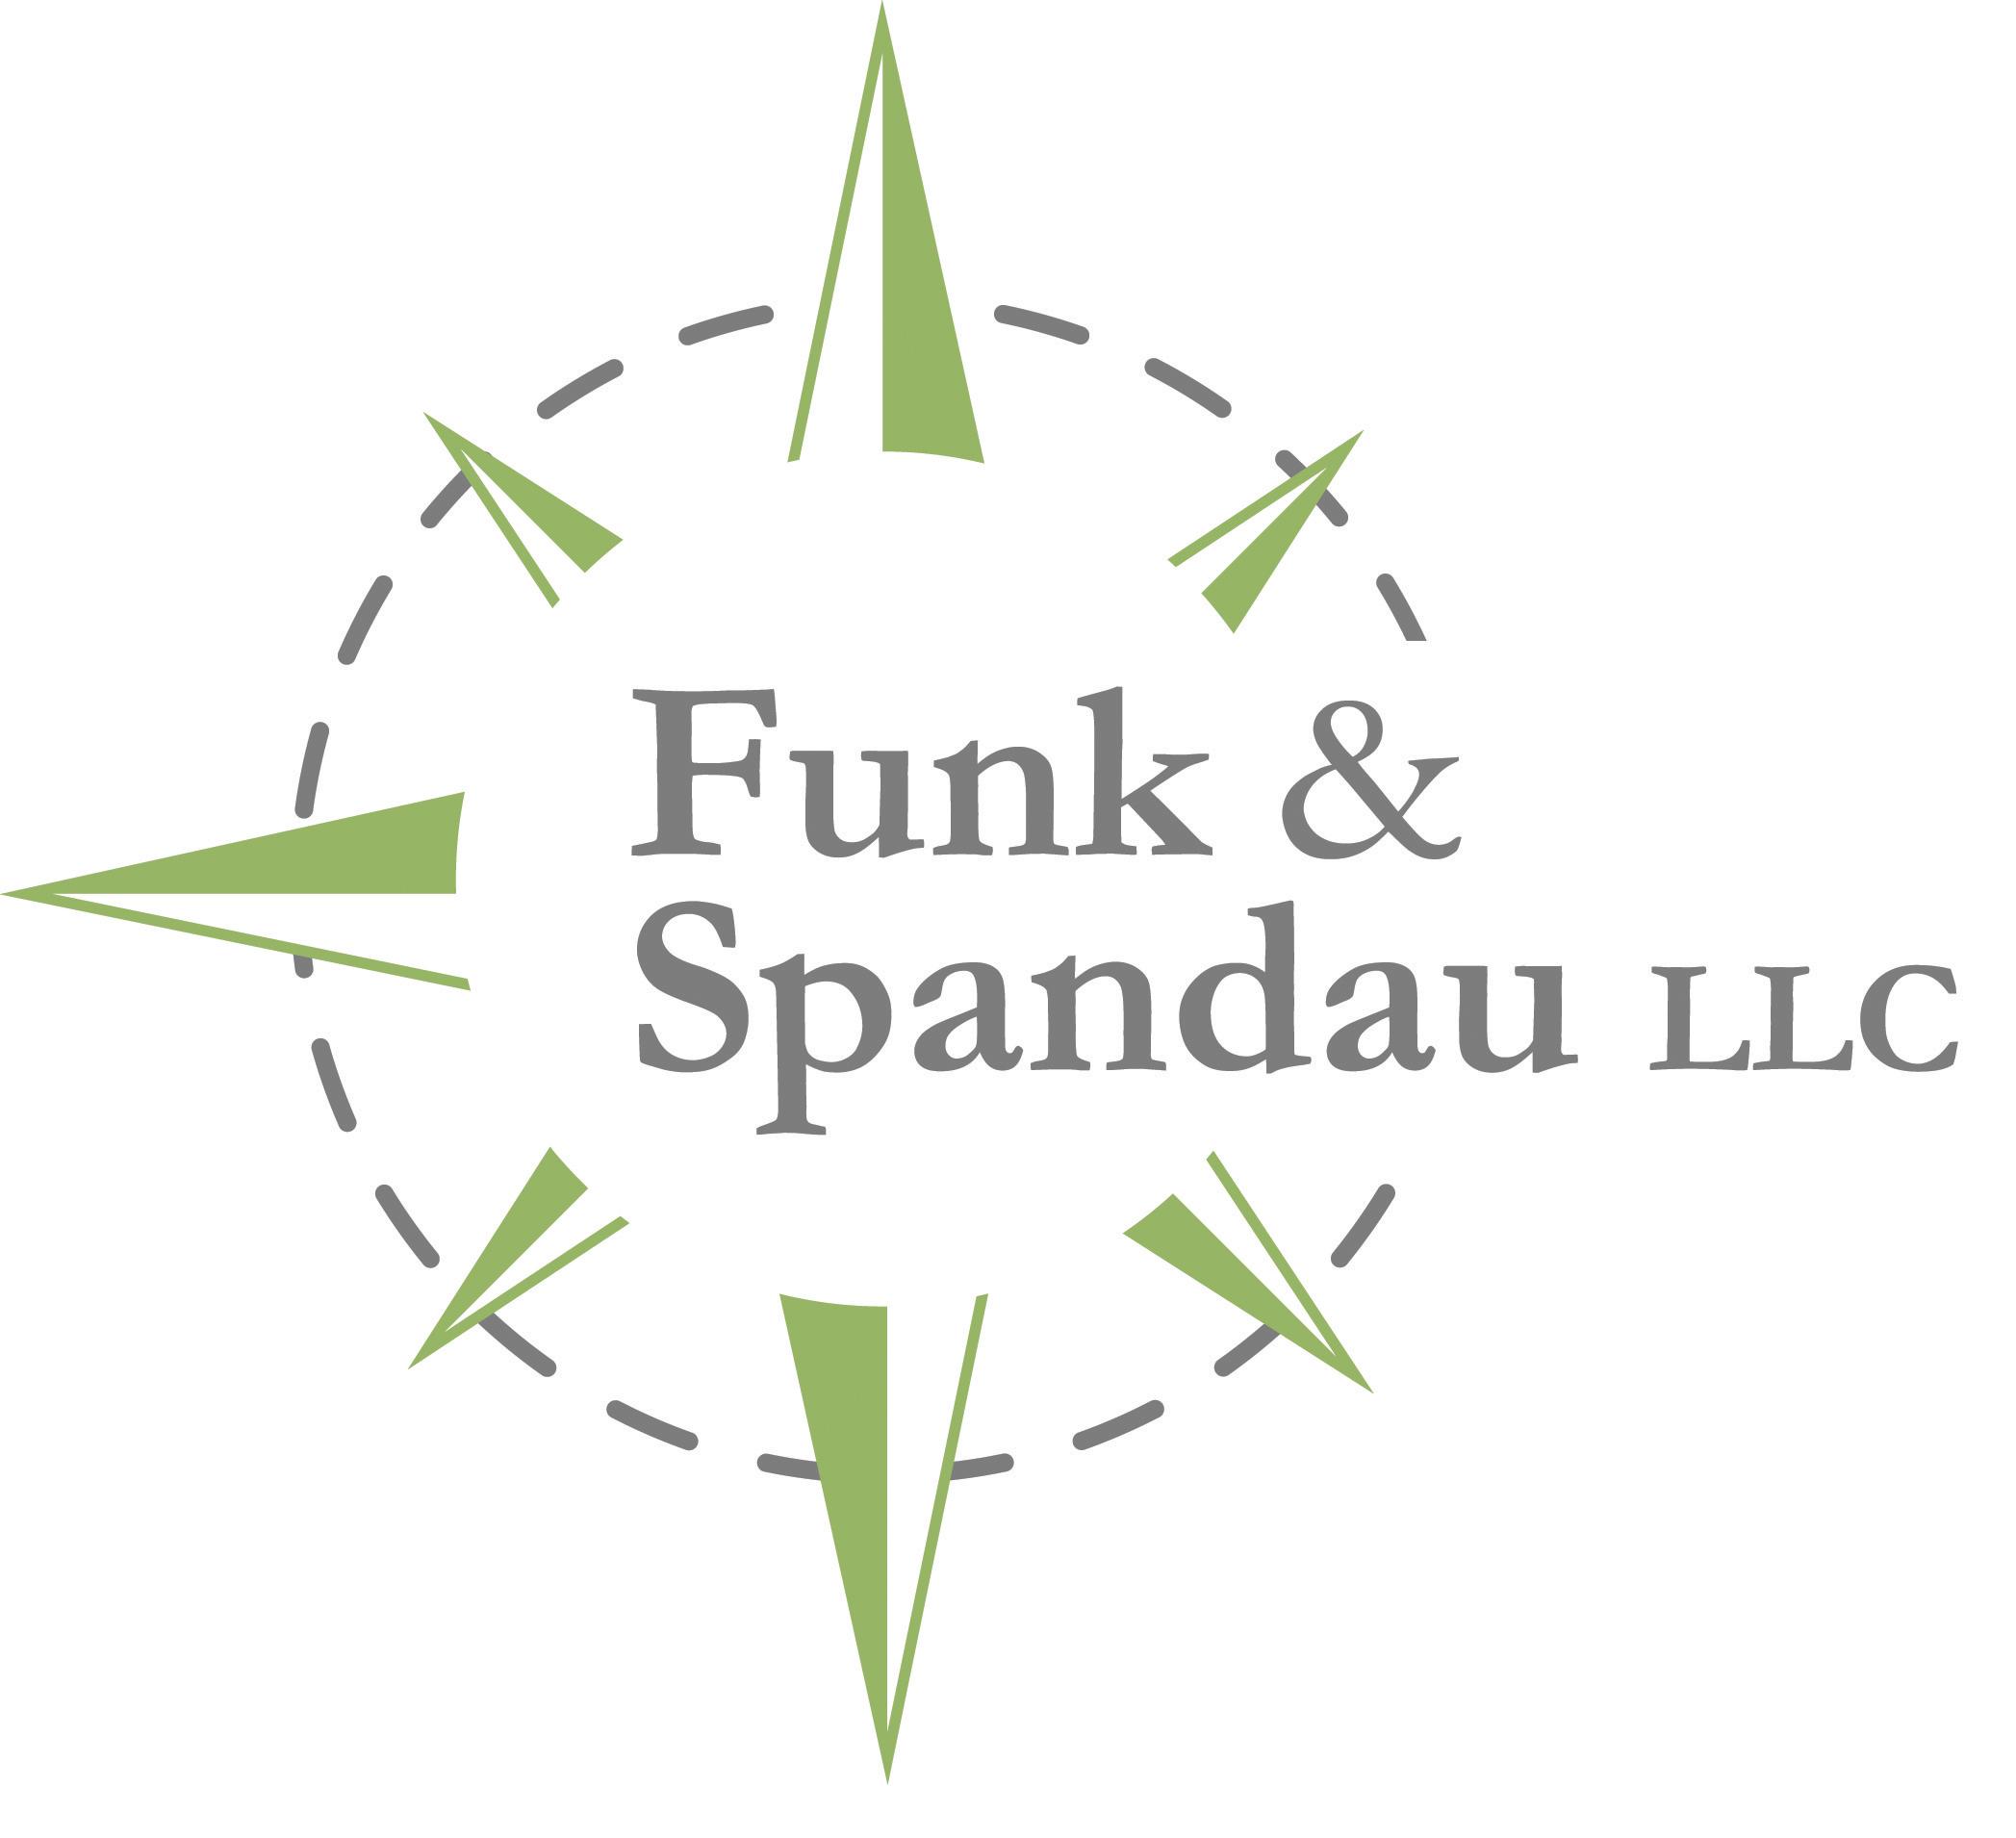 Funk & Spandau Law Firm